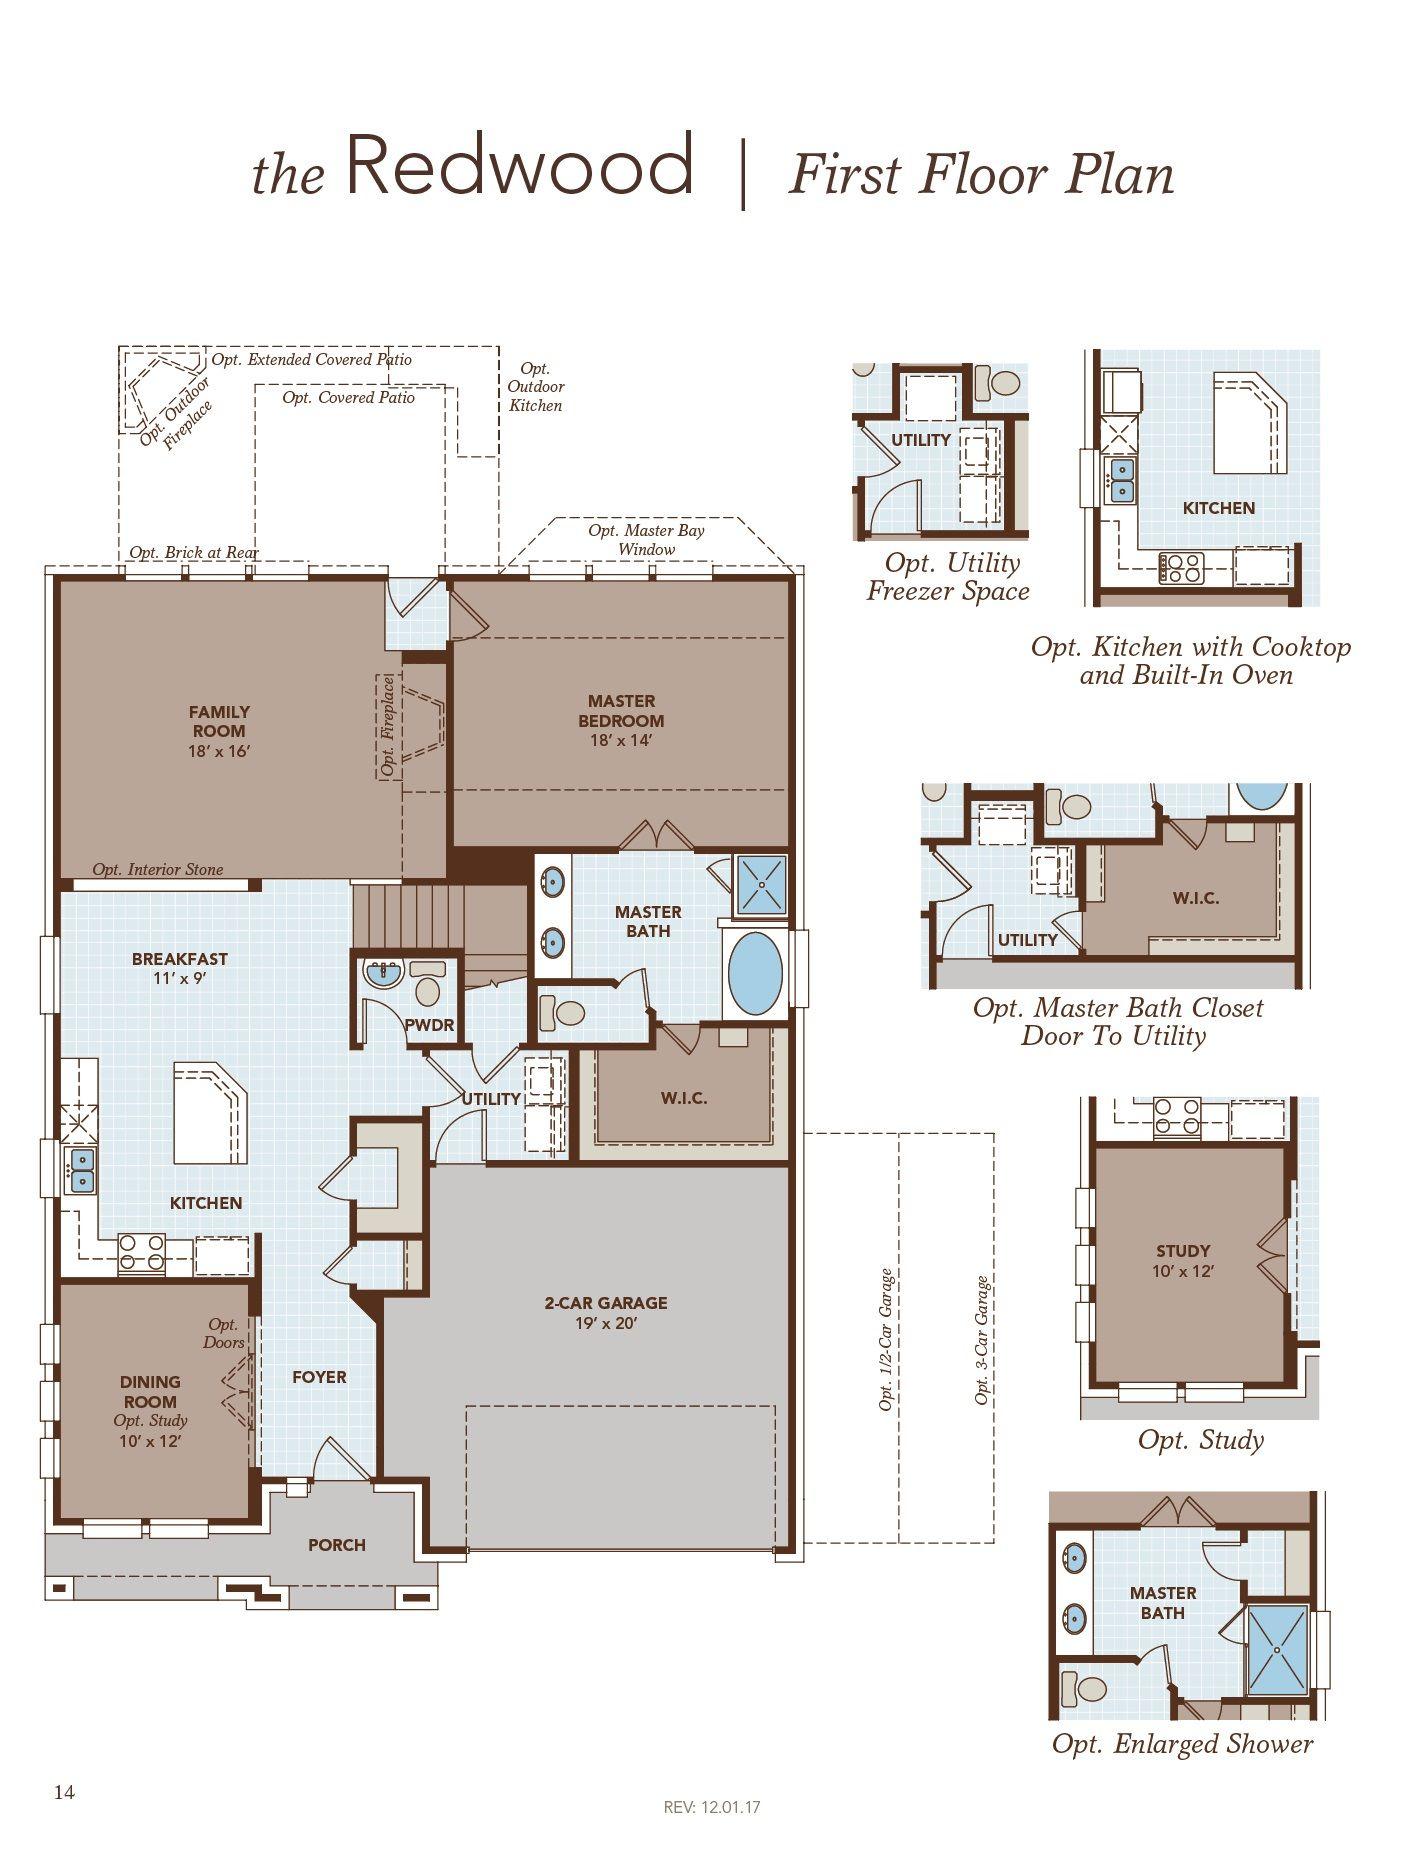 Redwood First Floor Plan